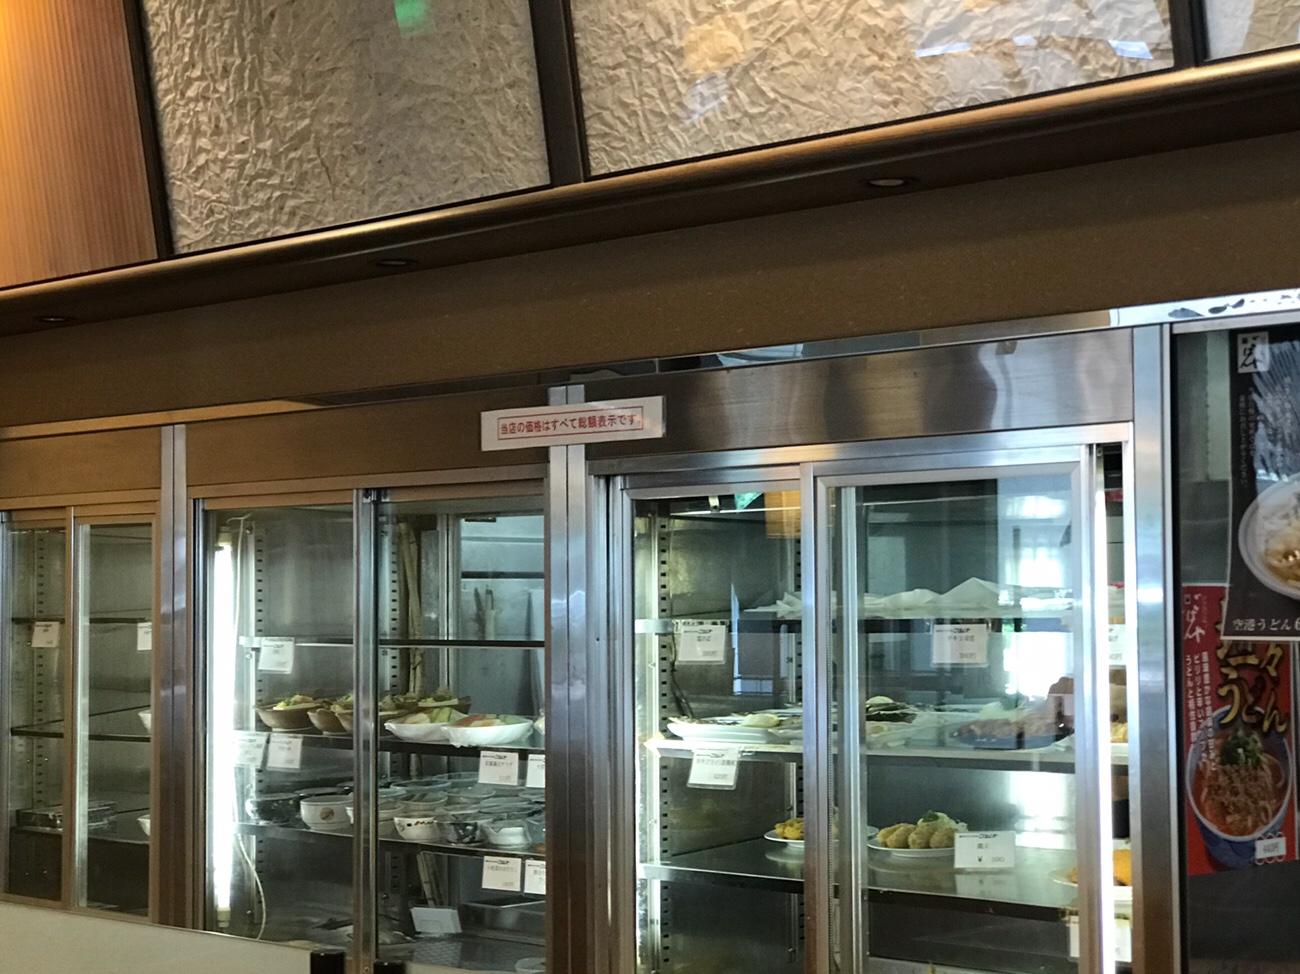 冷蔵庫からおかず 広島空港食事